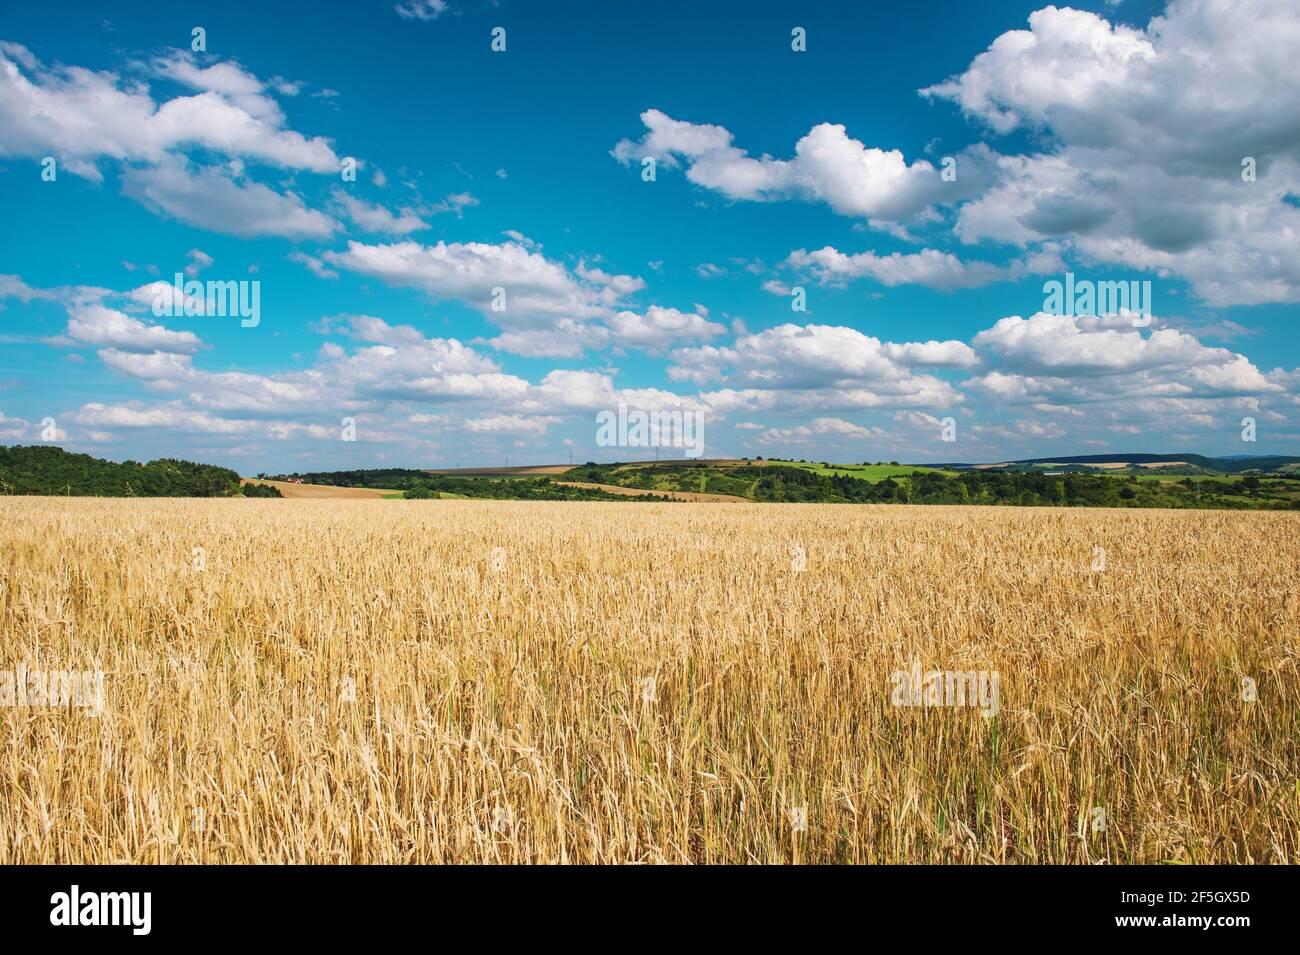 Paysage d'automne avec champ de blé et ciel bleu Banque D'Images